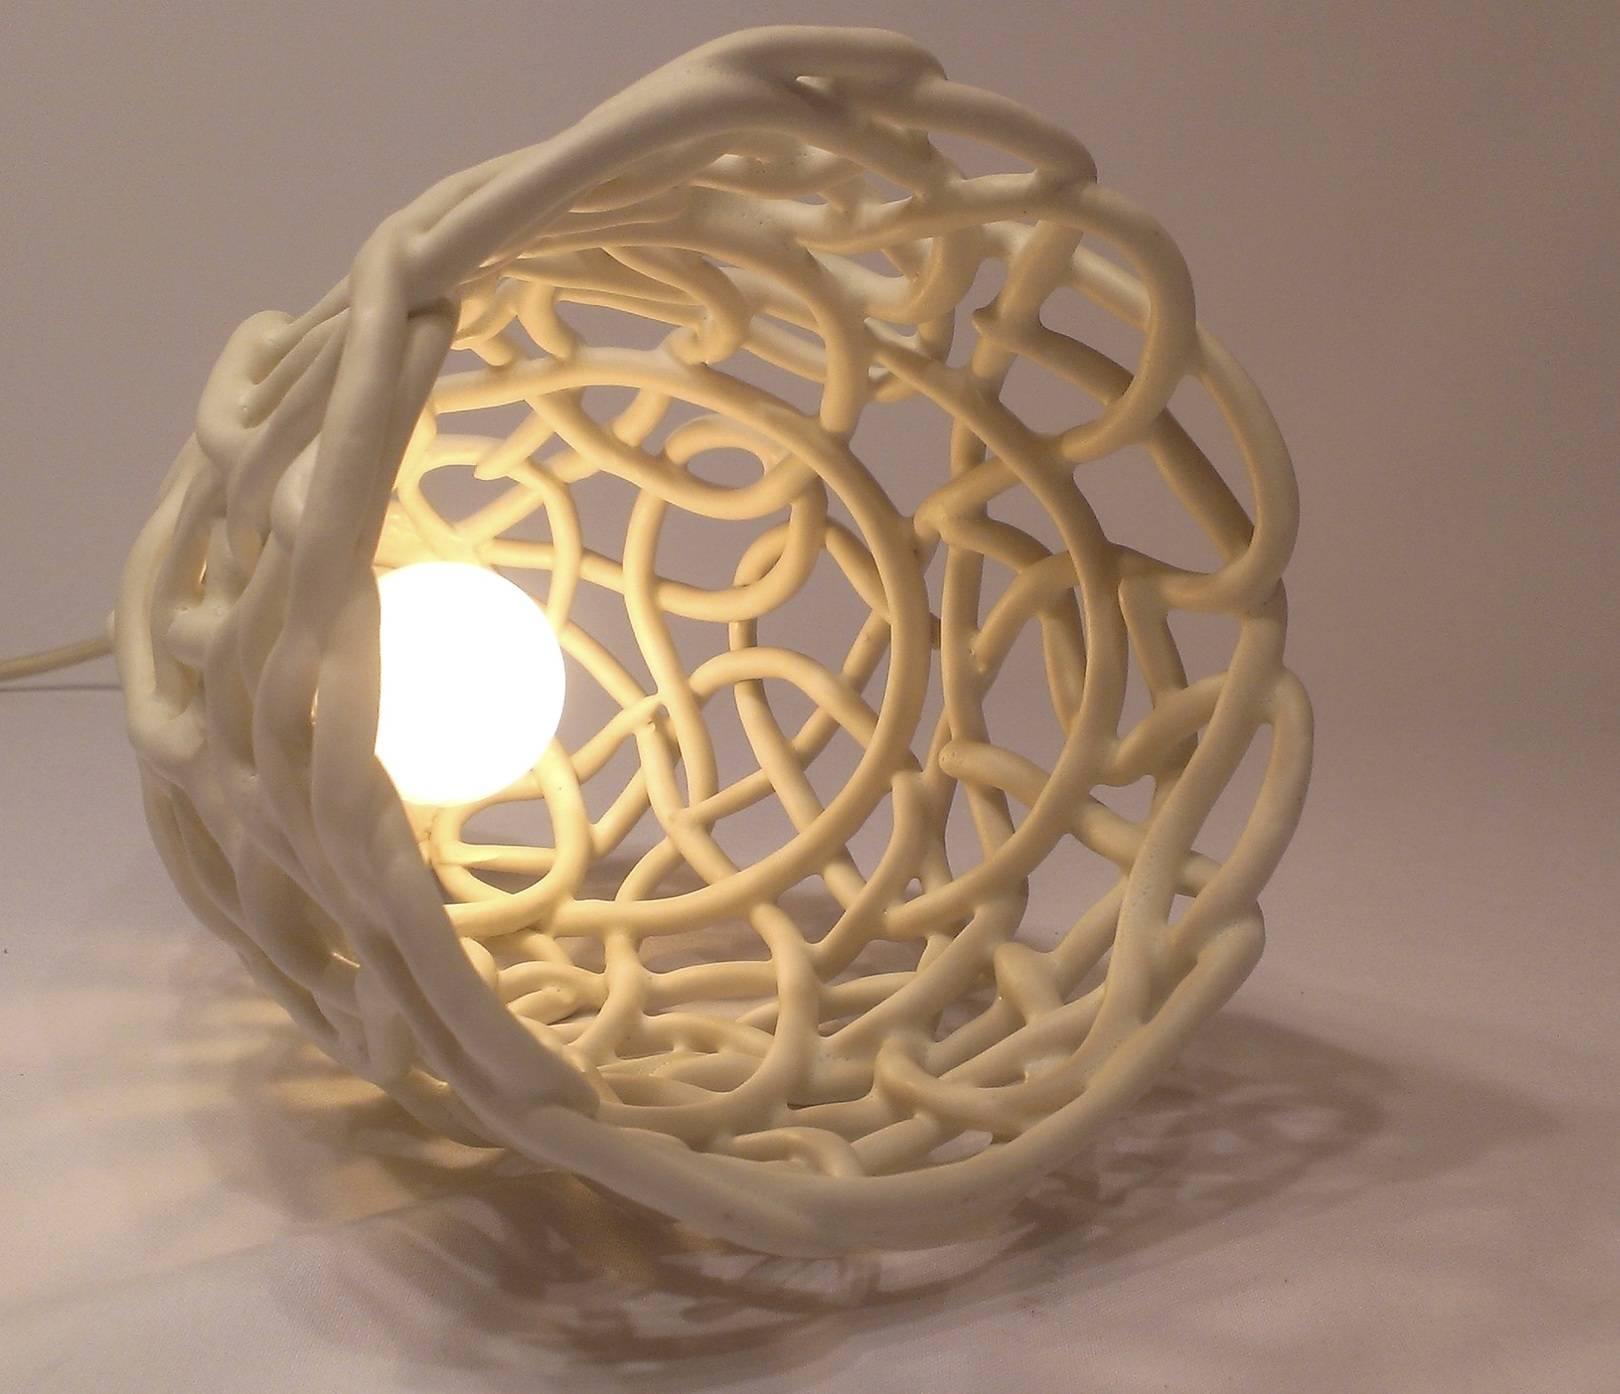 """Потолочный светильник на подвесе в стиле плетеной керамики. """"Пена шампанского"""" Птетение из глины, кремовая матовая глазурь"""